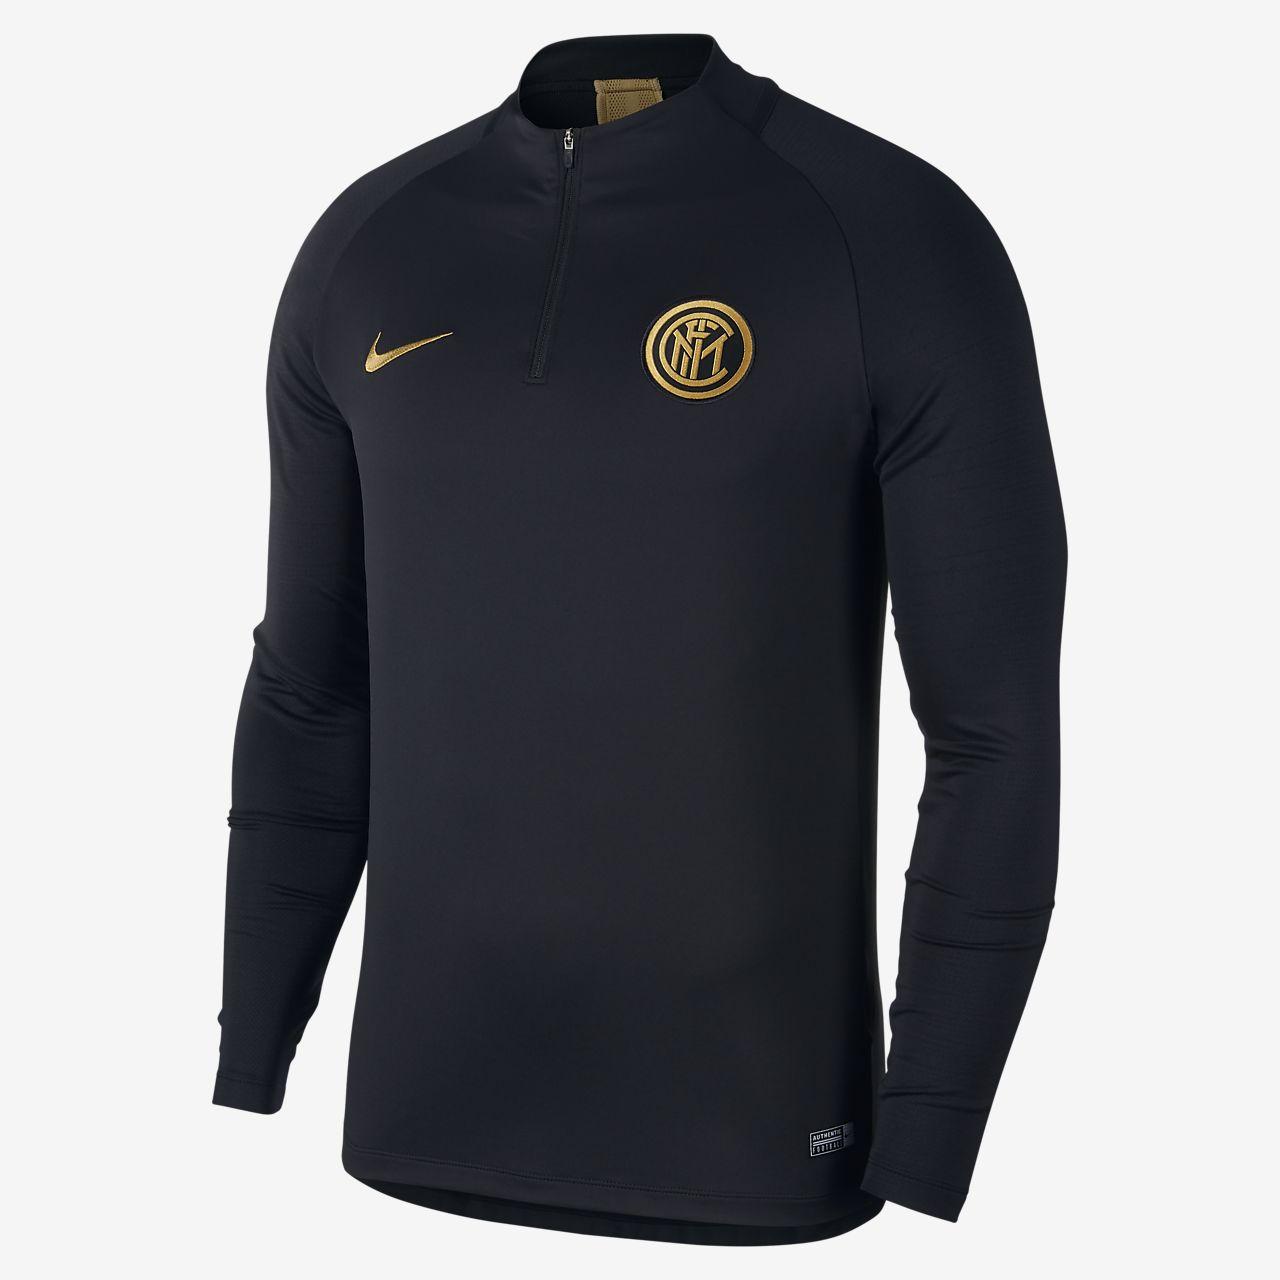 Maglia da calcio per allenamento Nike Dri-FIT Inter Strike - Uomo